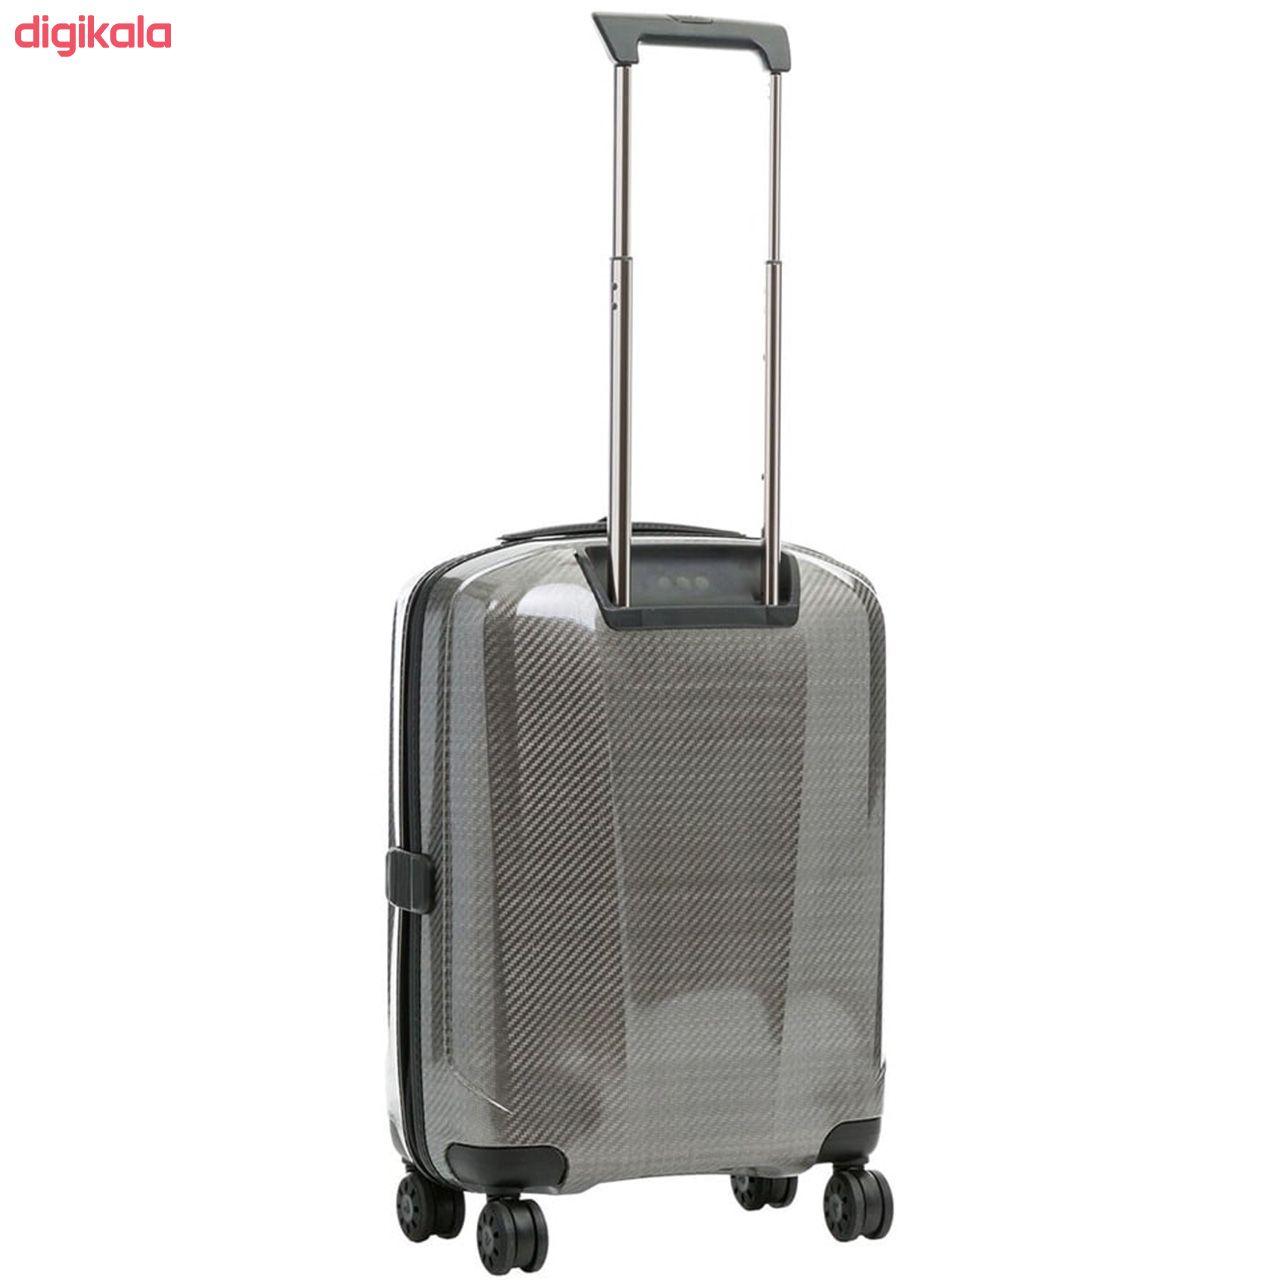 مجموعه سه عددی چمدان رونکاتو مدل 5950 main 1 14